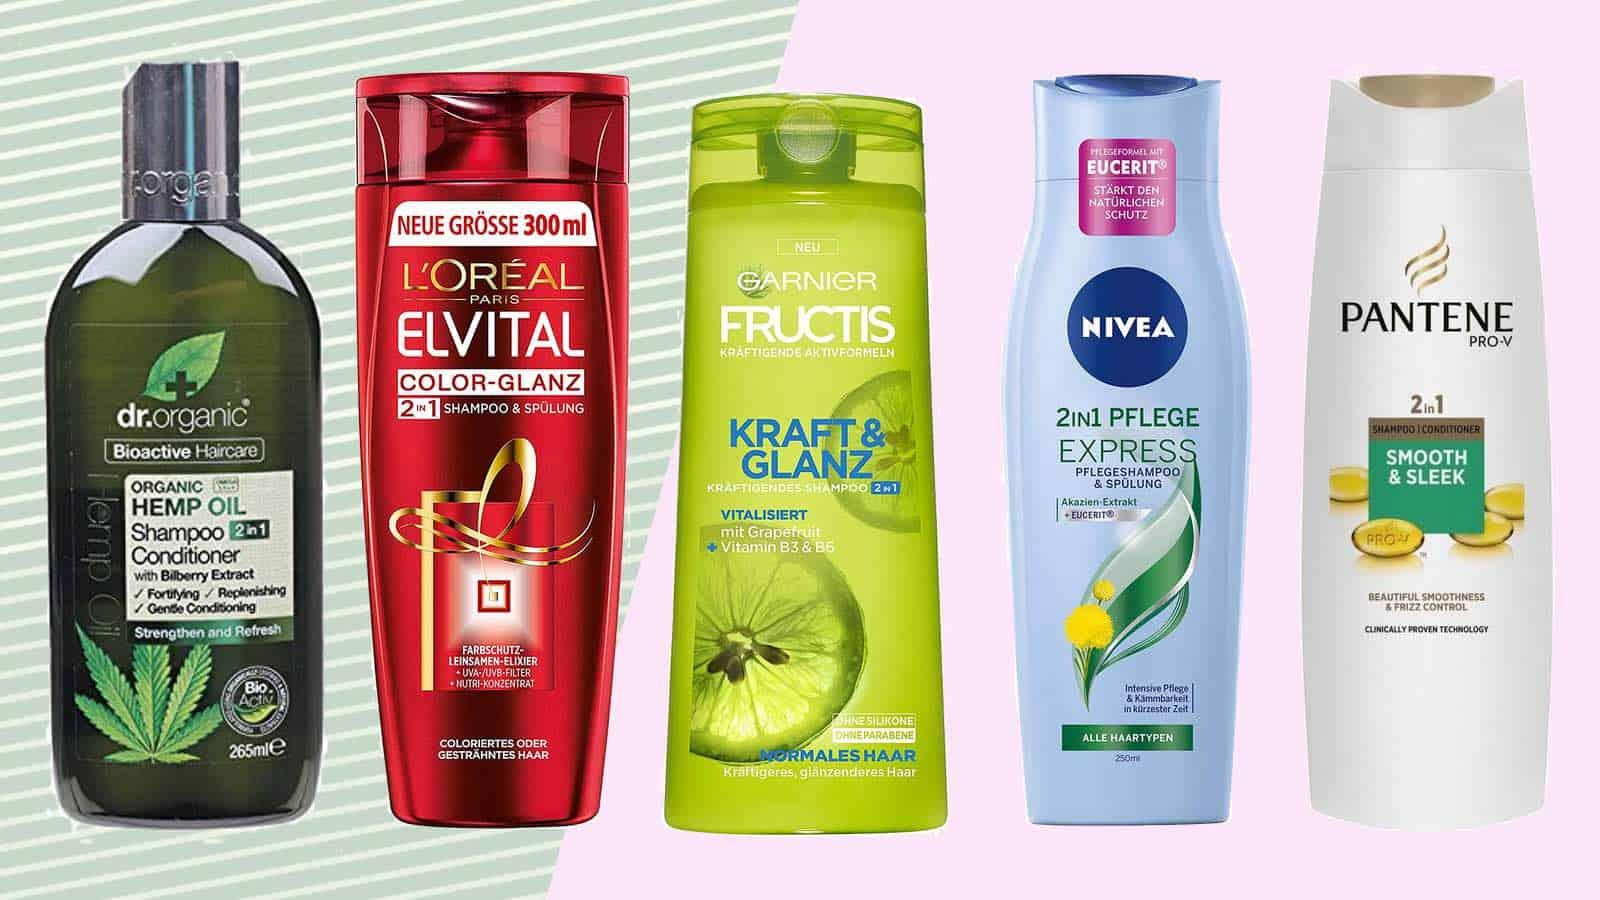 12 beste 2 in 1 Shampoo und Spülung im Vergleich 2019